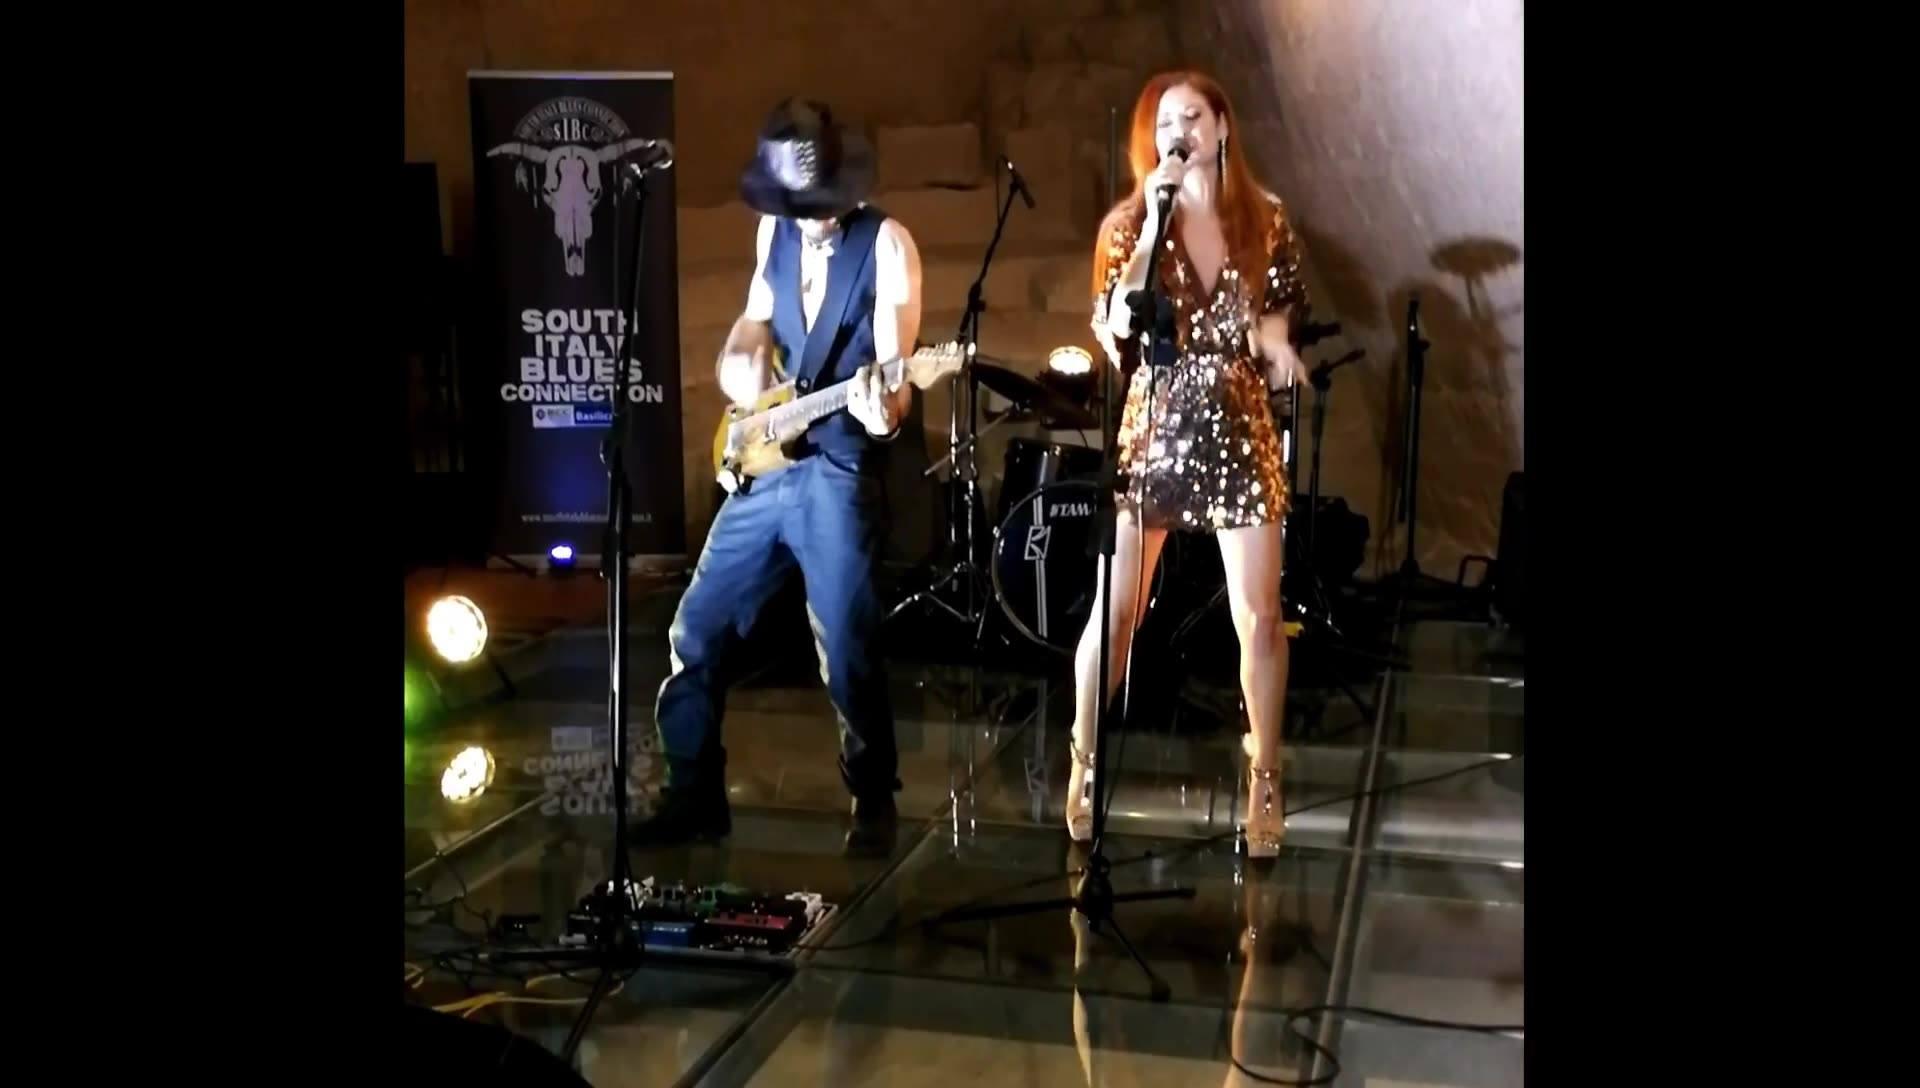 Sunshine - Ginny Vee and Roberto L. Whiter